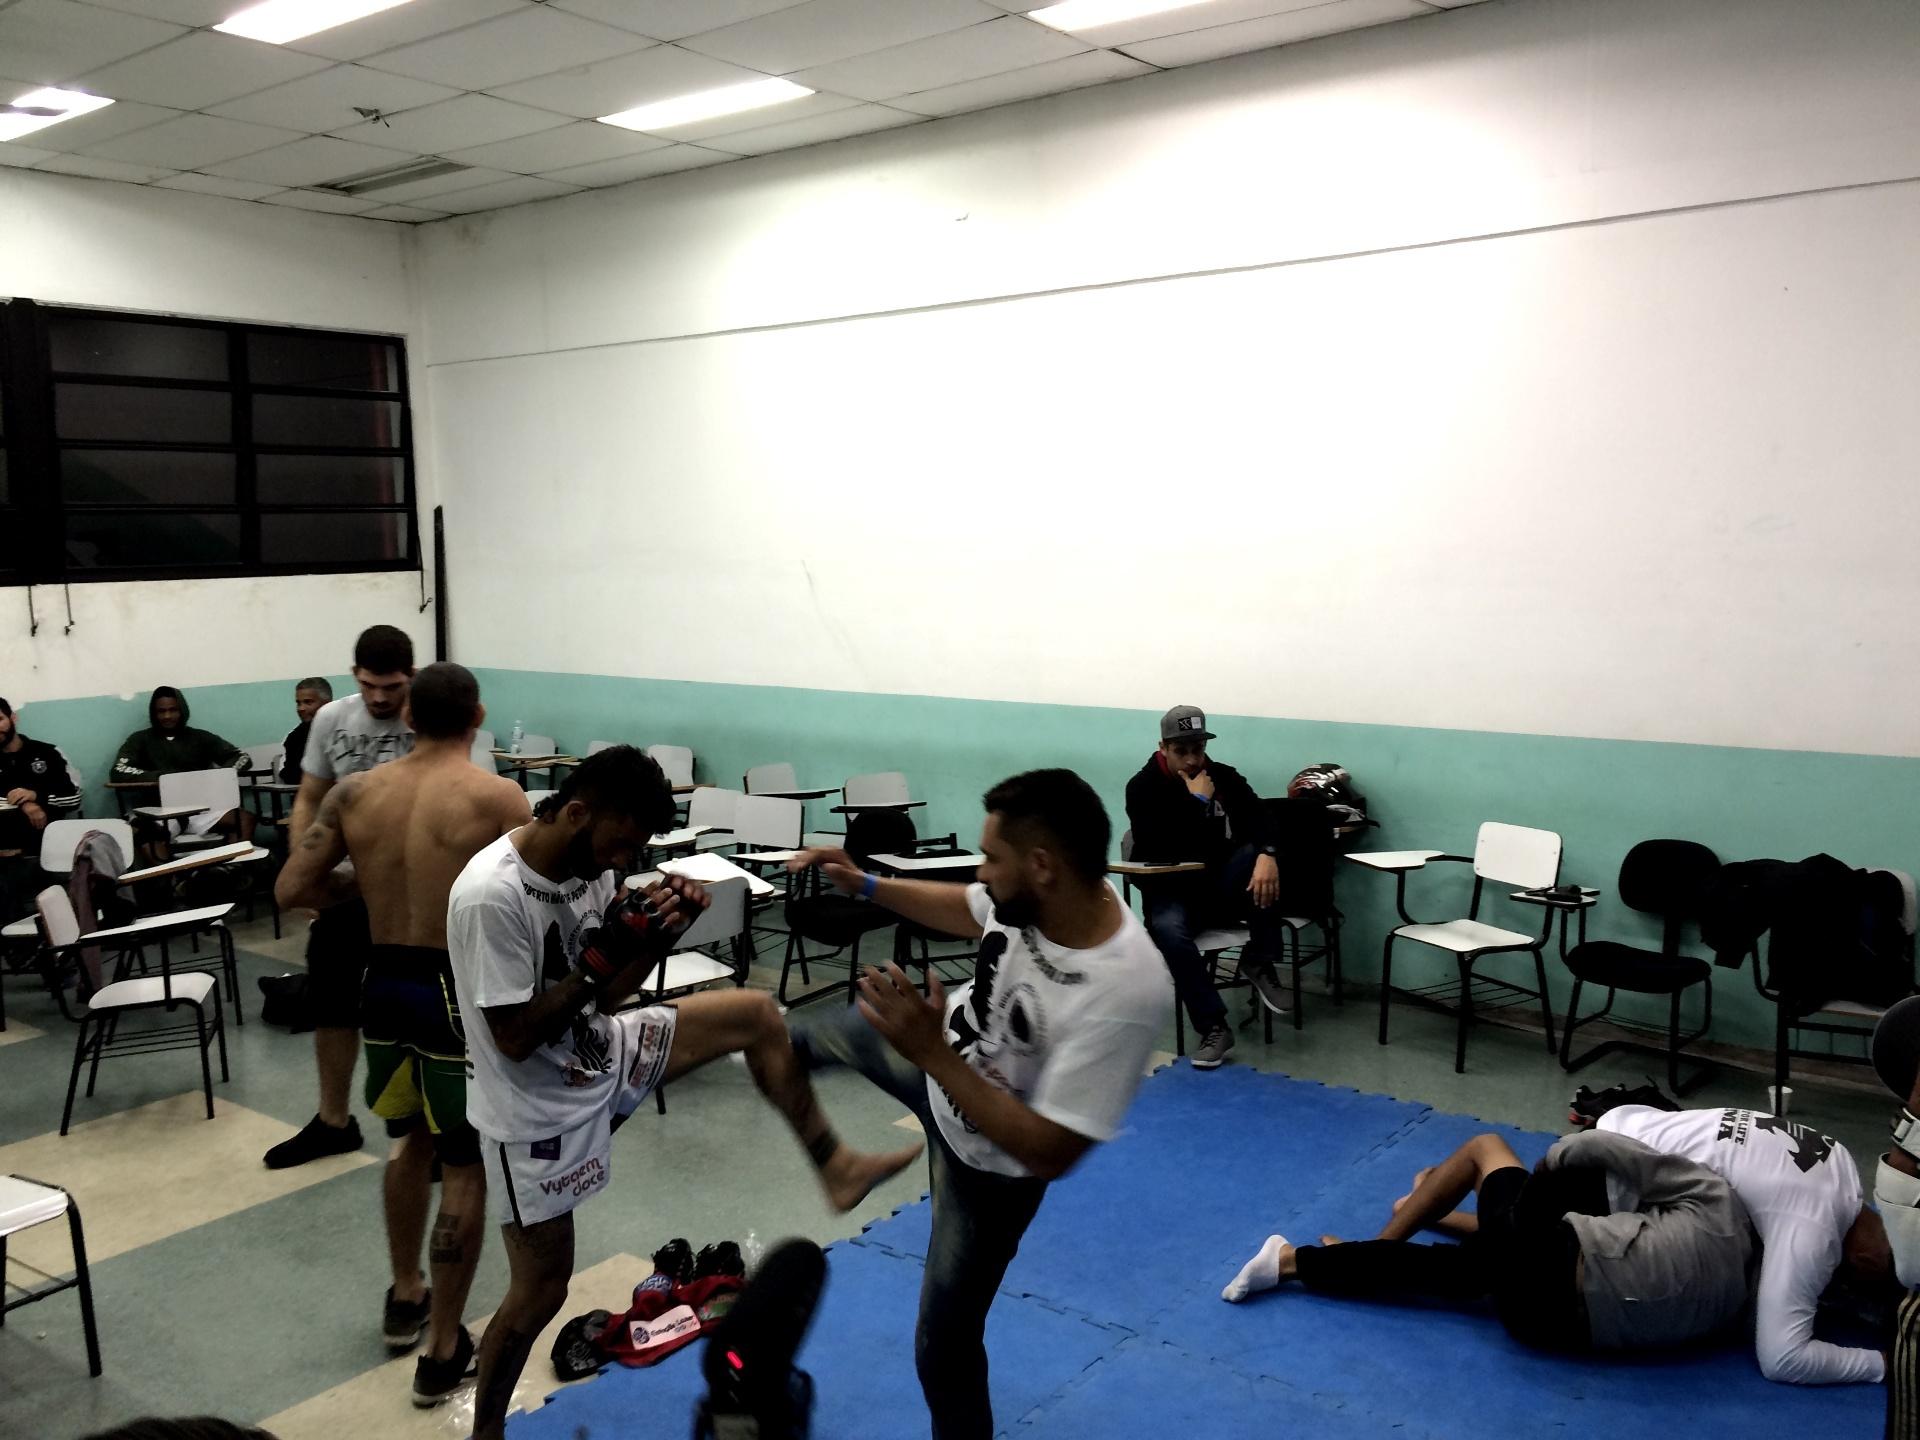 Lutadores de MMA fazem aquecimento em sala de aula de uma faculdade em São Paulo